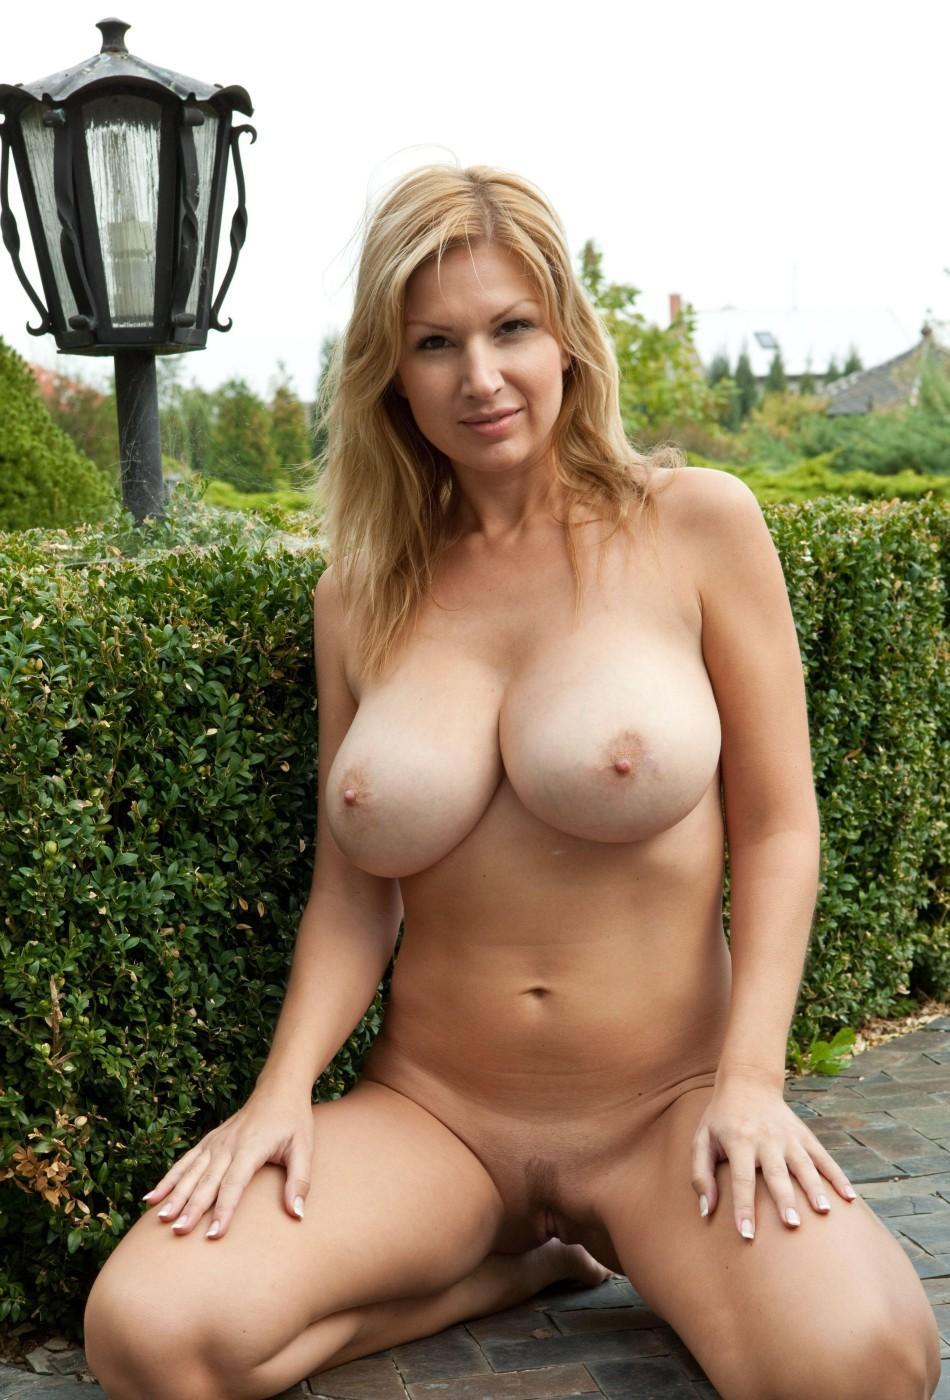 Смотреть фото голых зрелых женщин не забываем добавлять новые 8 фотография